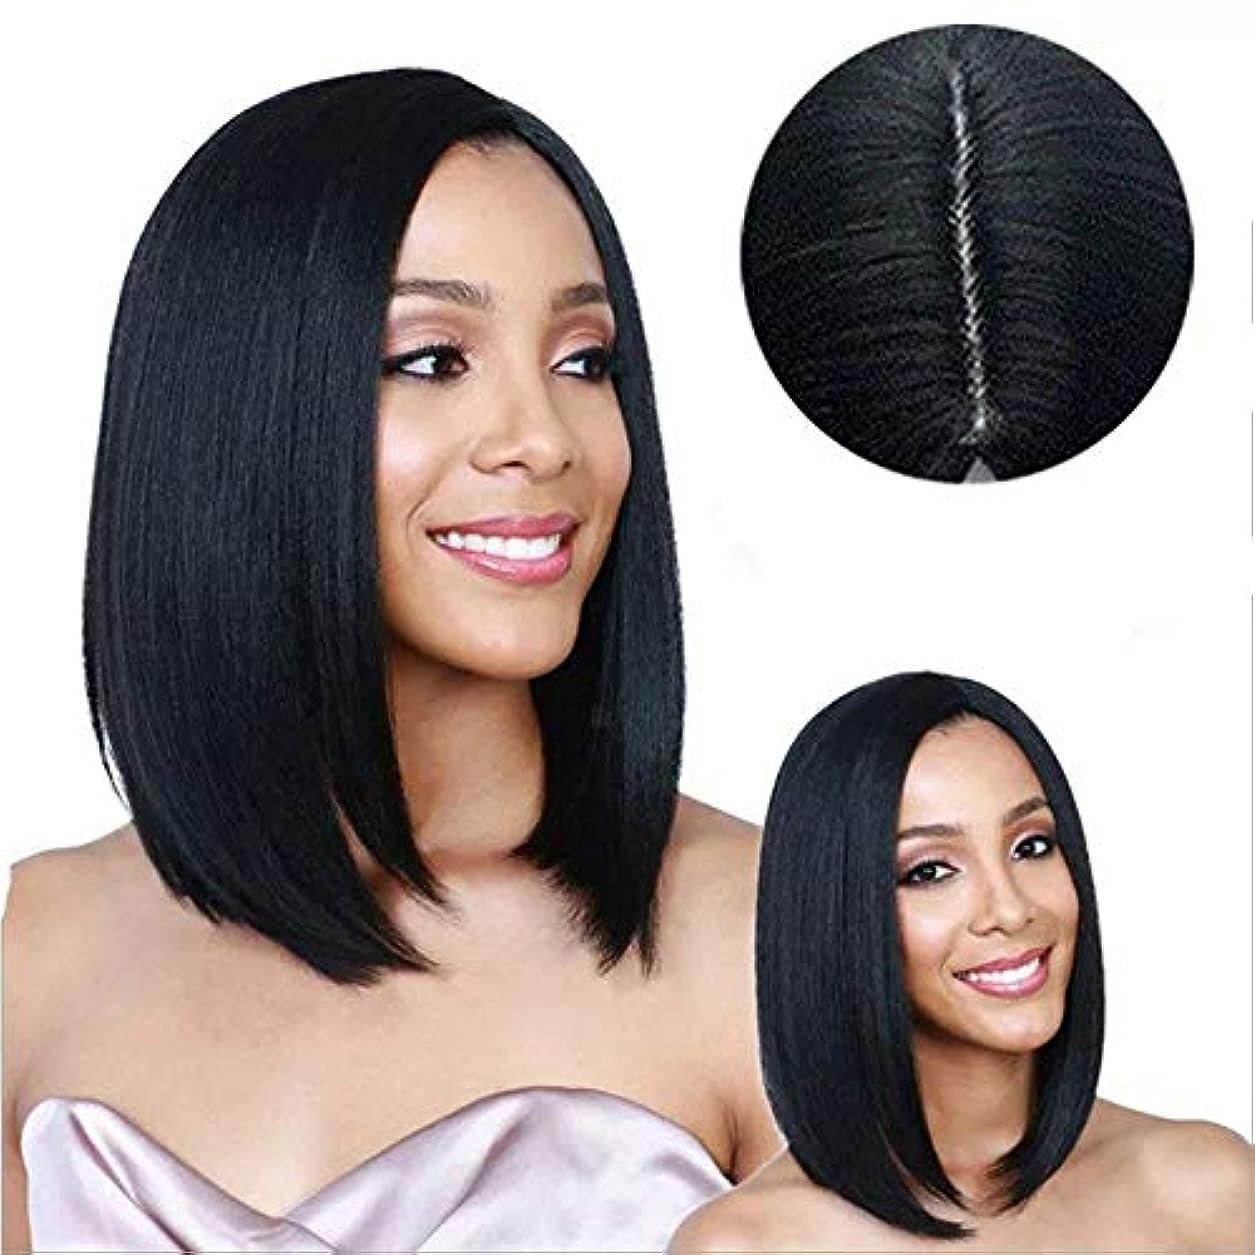 教科書ファンタジー振幅女性用ウィッグ、ナチュラルファッションロングストレートヘアショルダーふわふわヘアセット、高温シルク耐熱合成繊維ウィッグ